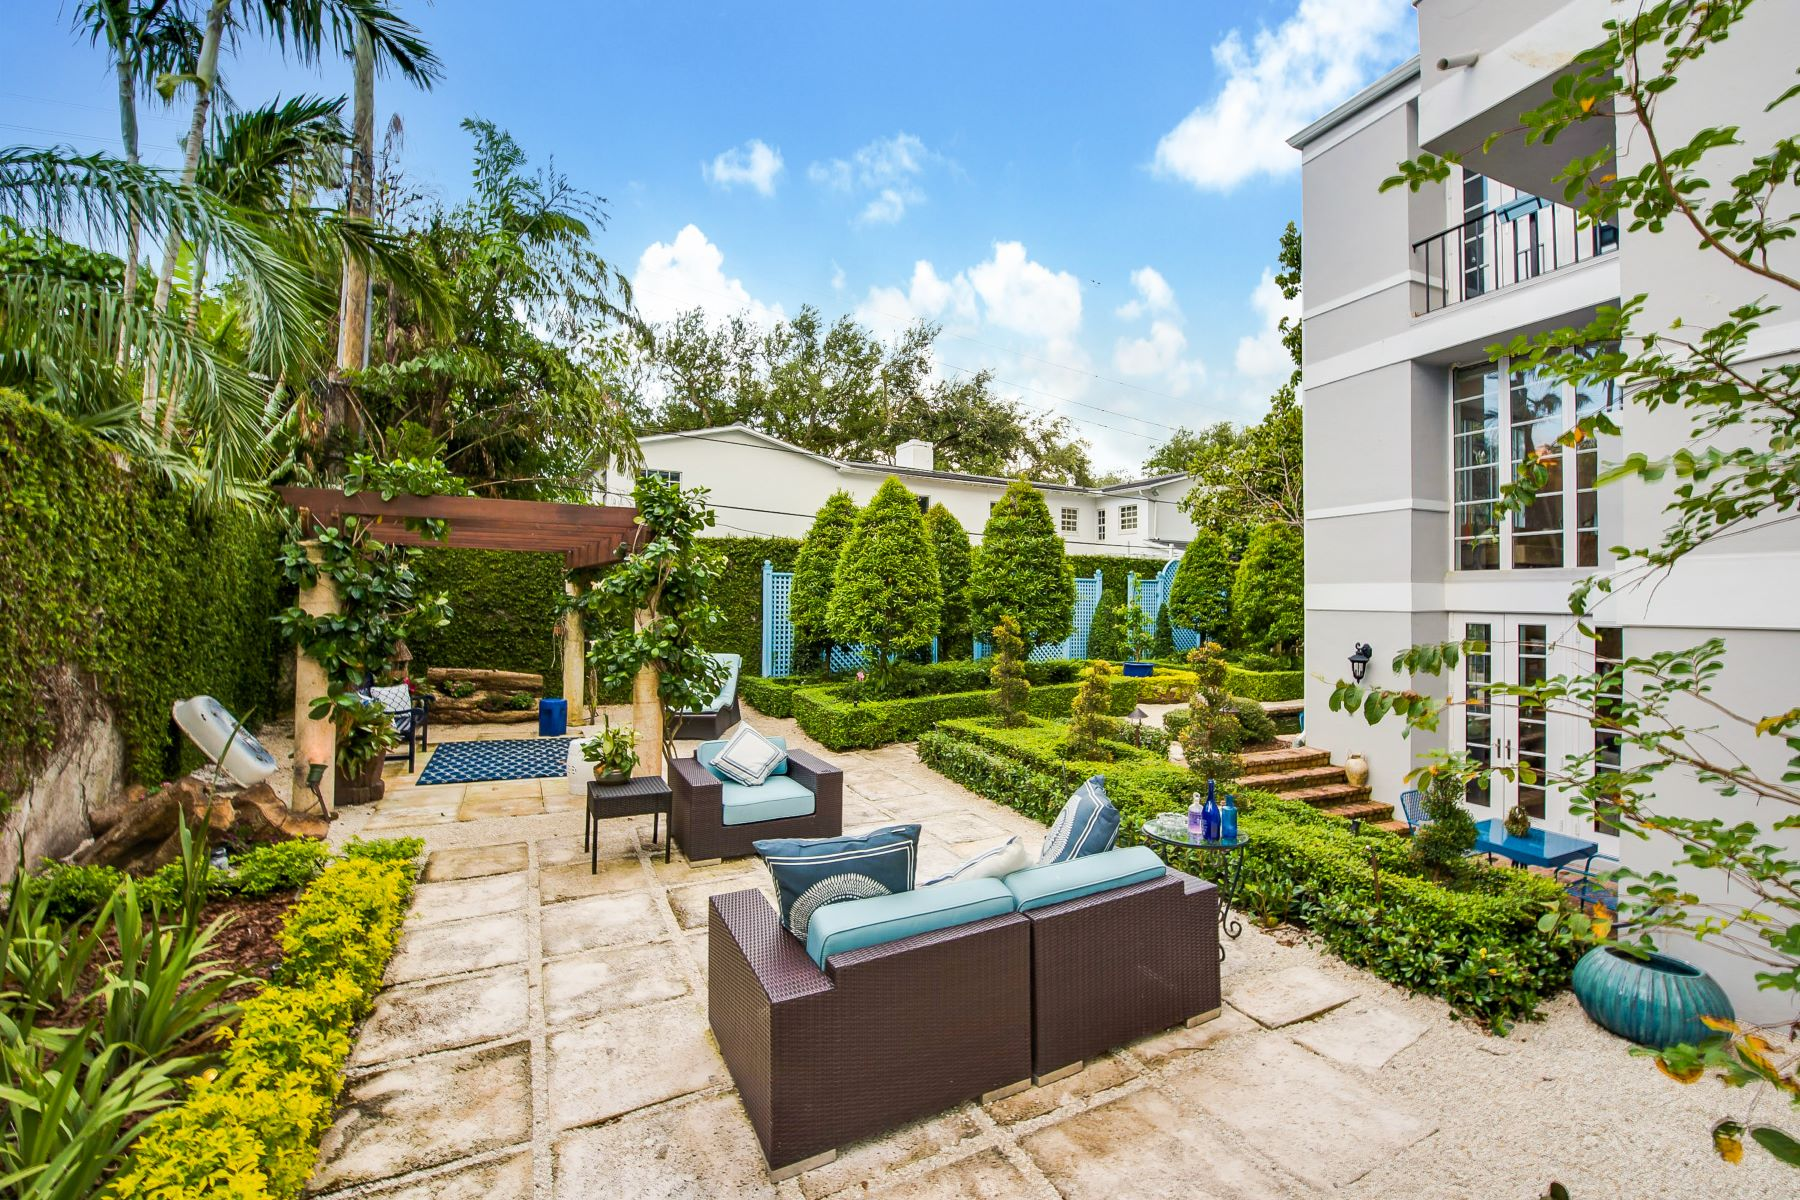 独户住宅 为 销售 在 1020 Hardee Rd 科勒尔盖布尔斯, 佛罗里达州, 33146 美国